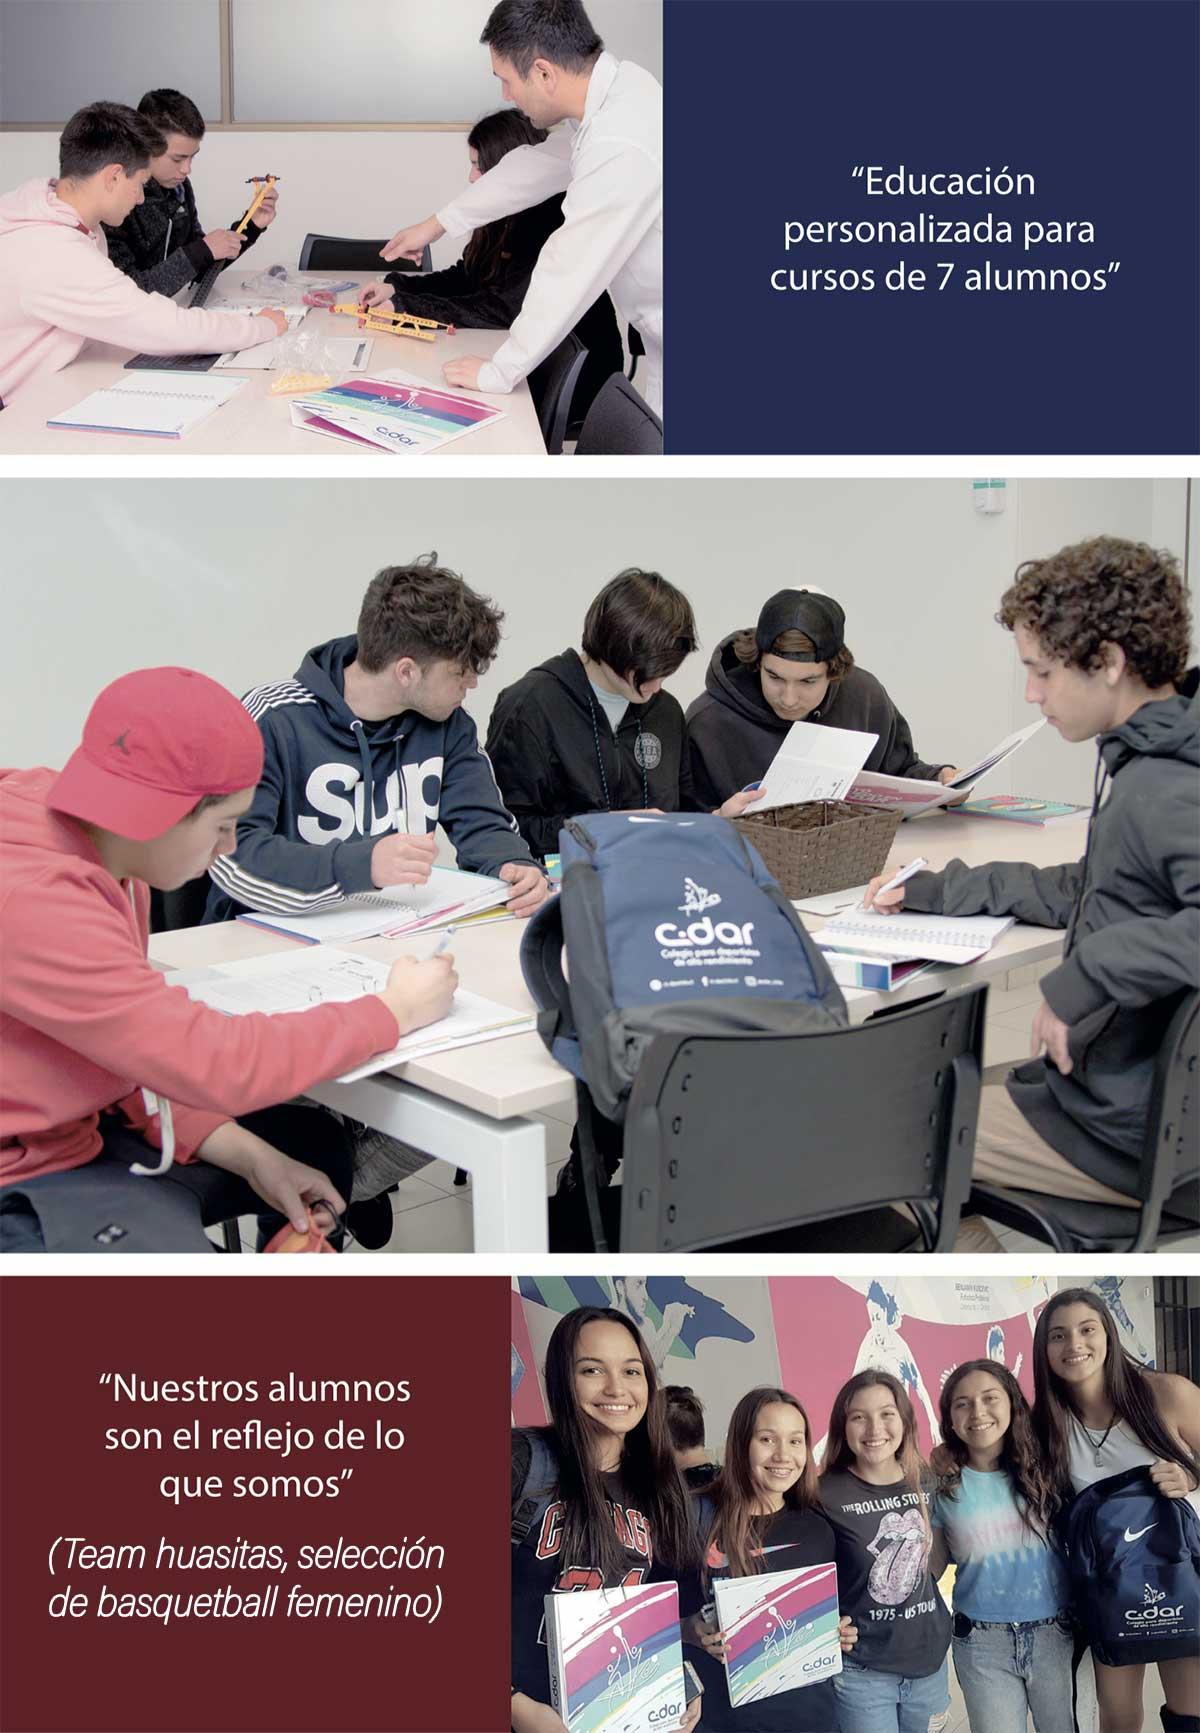 educacion-personalizada-4